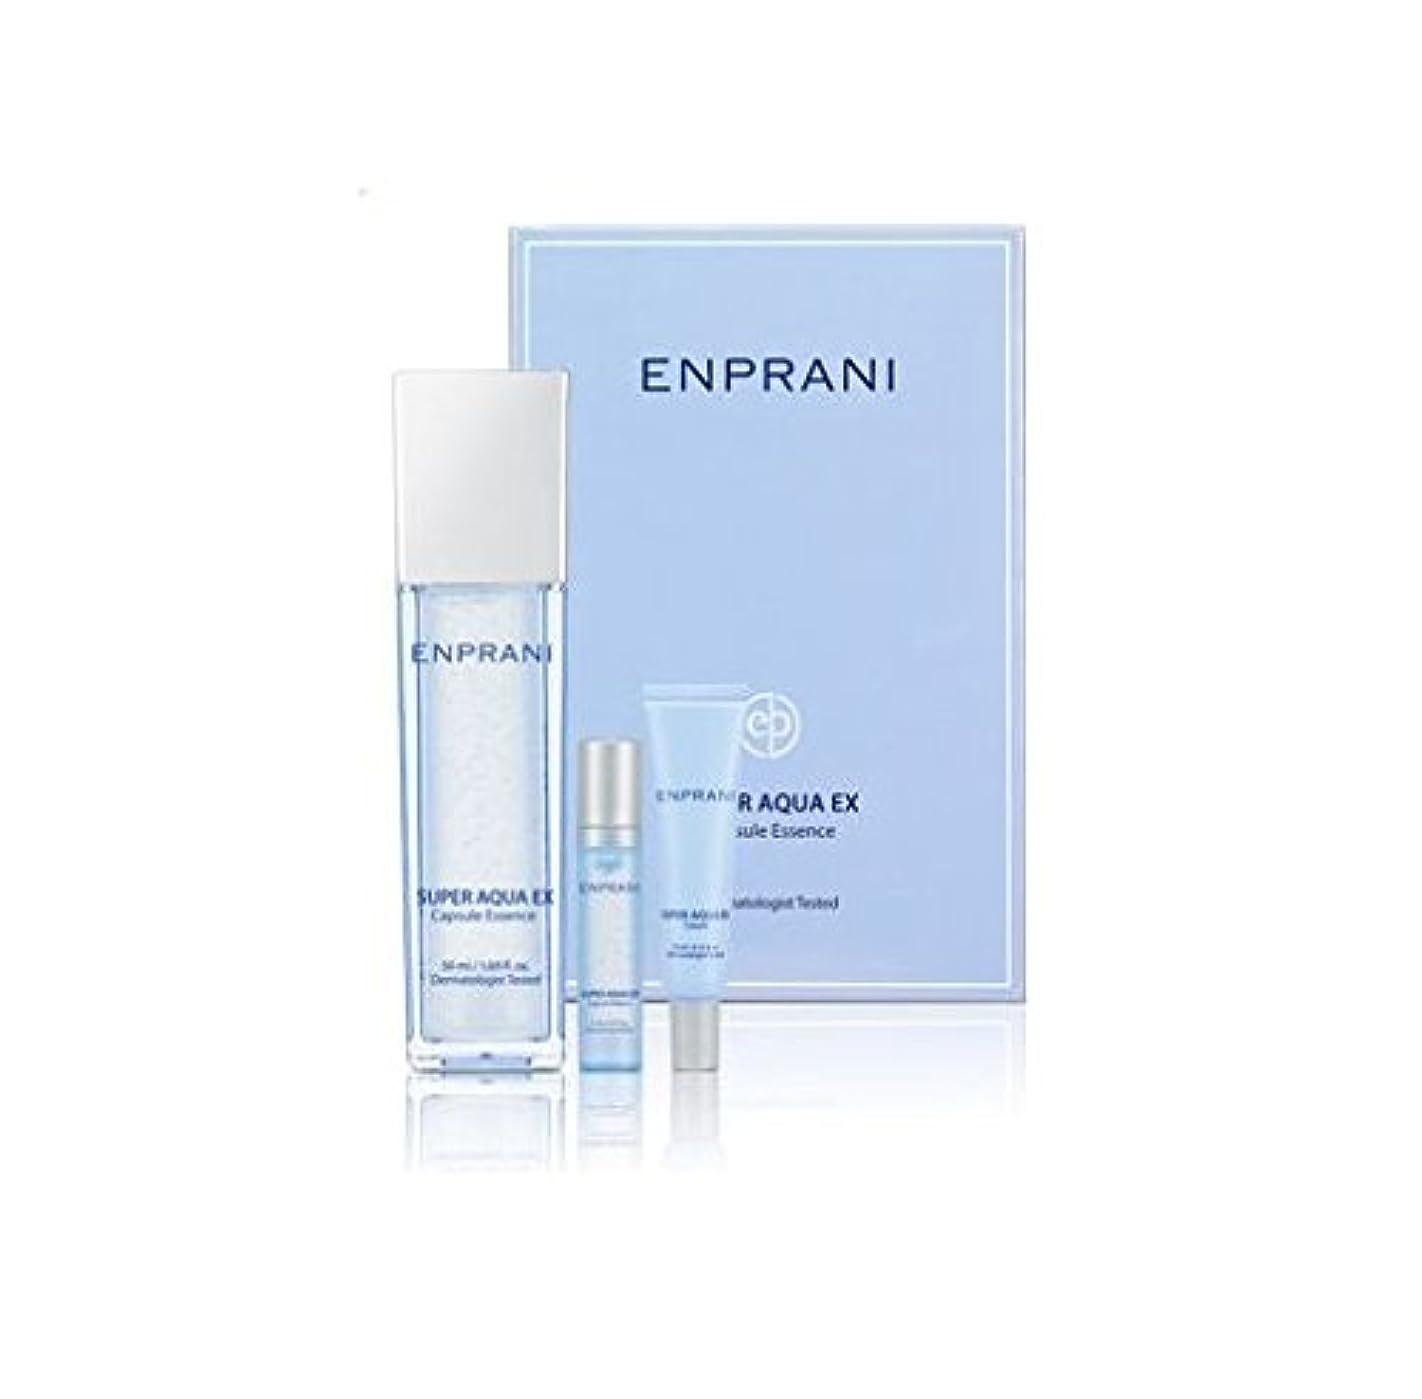 ENPRANI SUPER AQUA EX Capsule Essence Special Set エンプラニスーパーアクア EX カプセルエッセンススペシャルセット [並行輸入品]